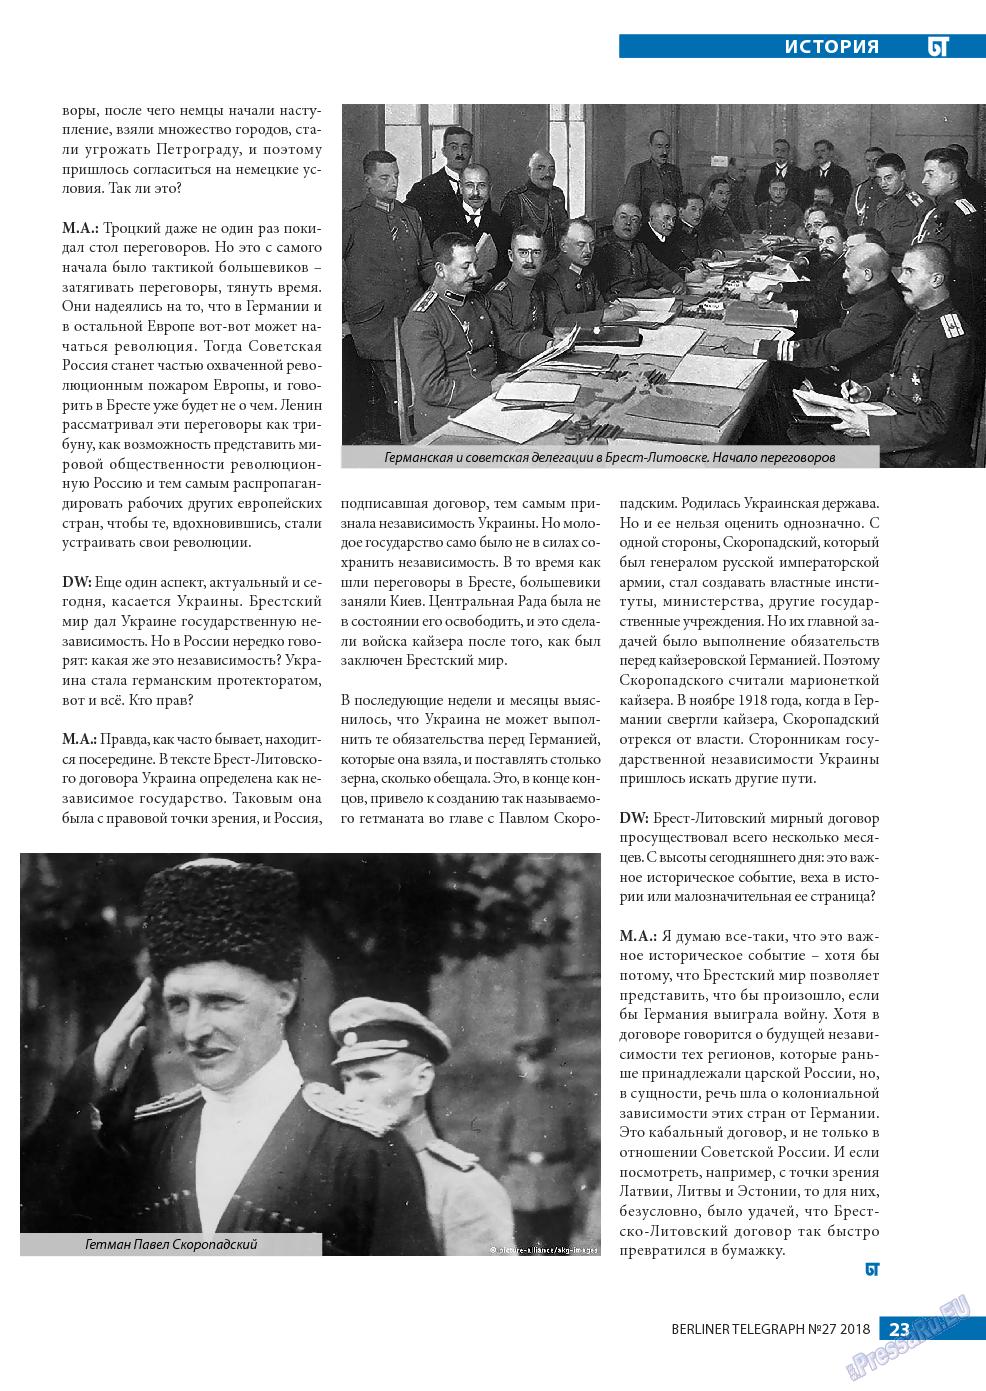 Берлинский телеграф (журнал). 2018 год, номер 27, стр. 23